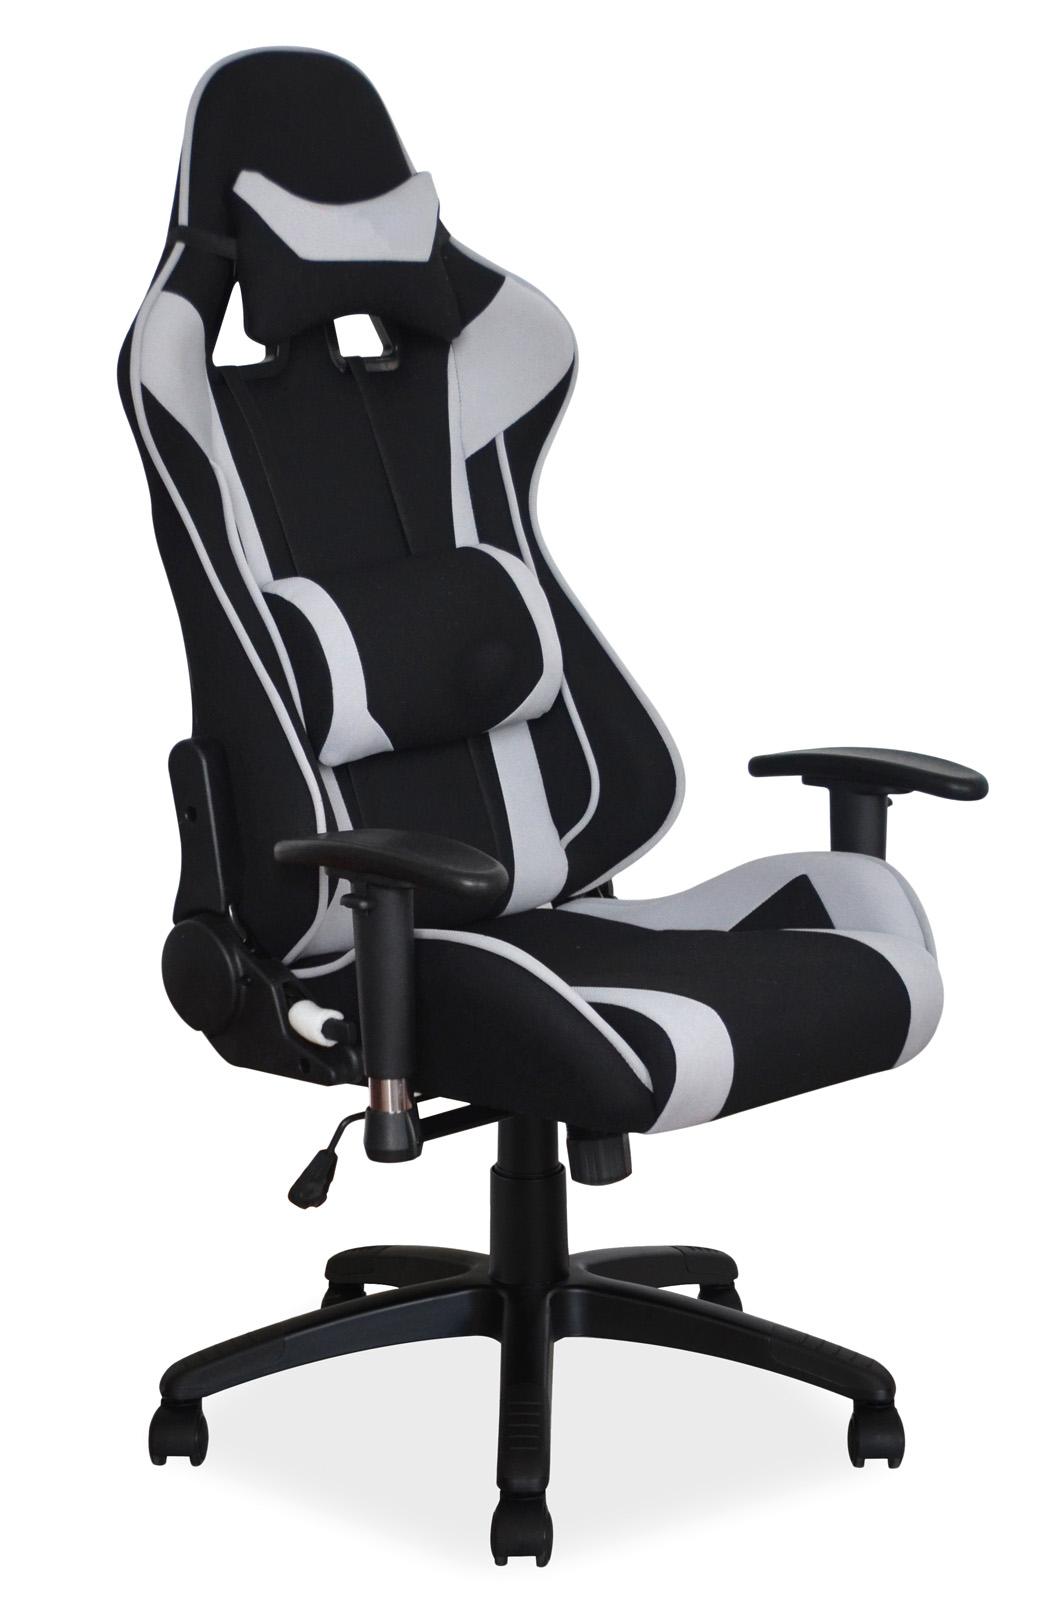 Scaun de birou ergonomic Viper Black / Grey